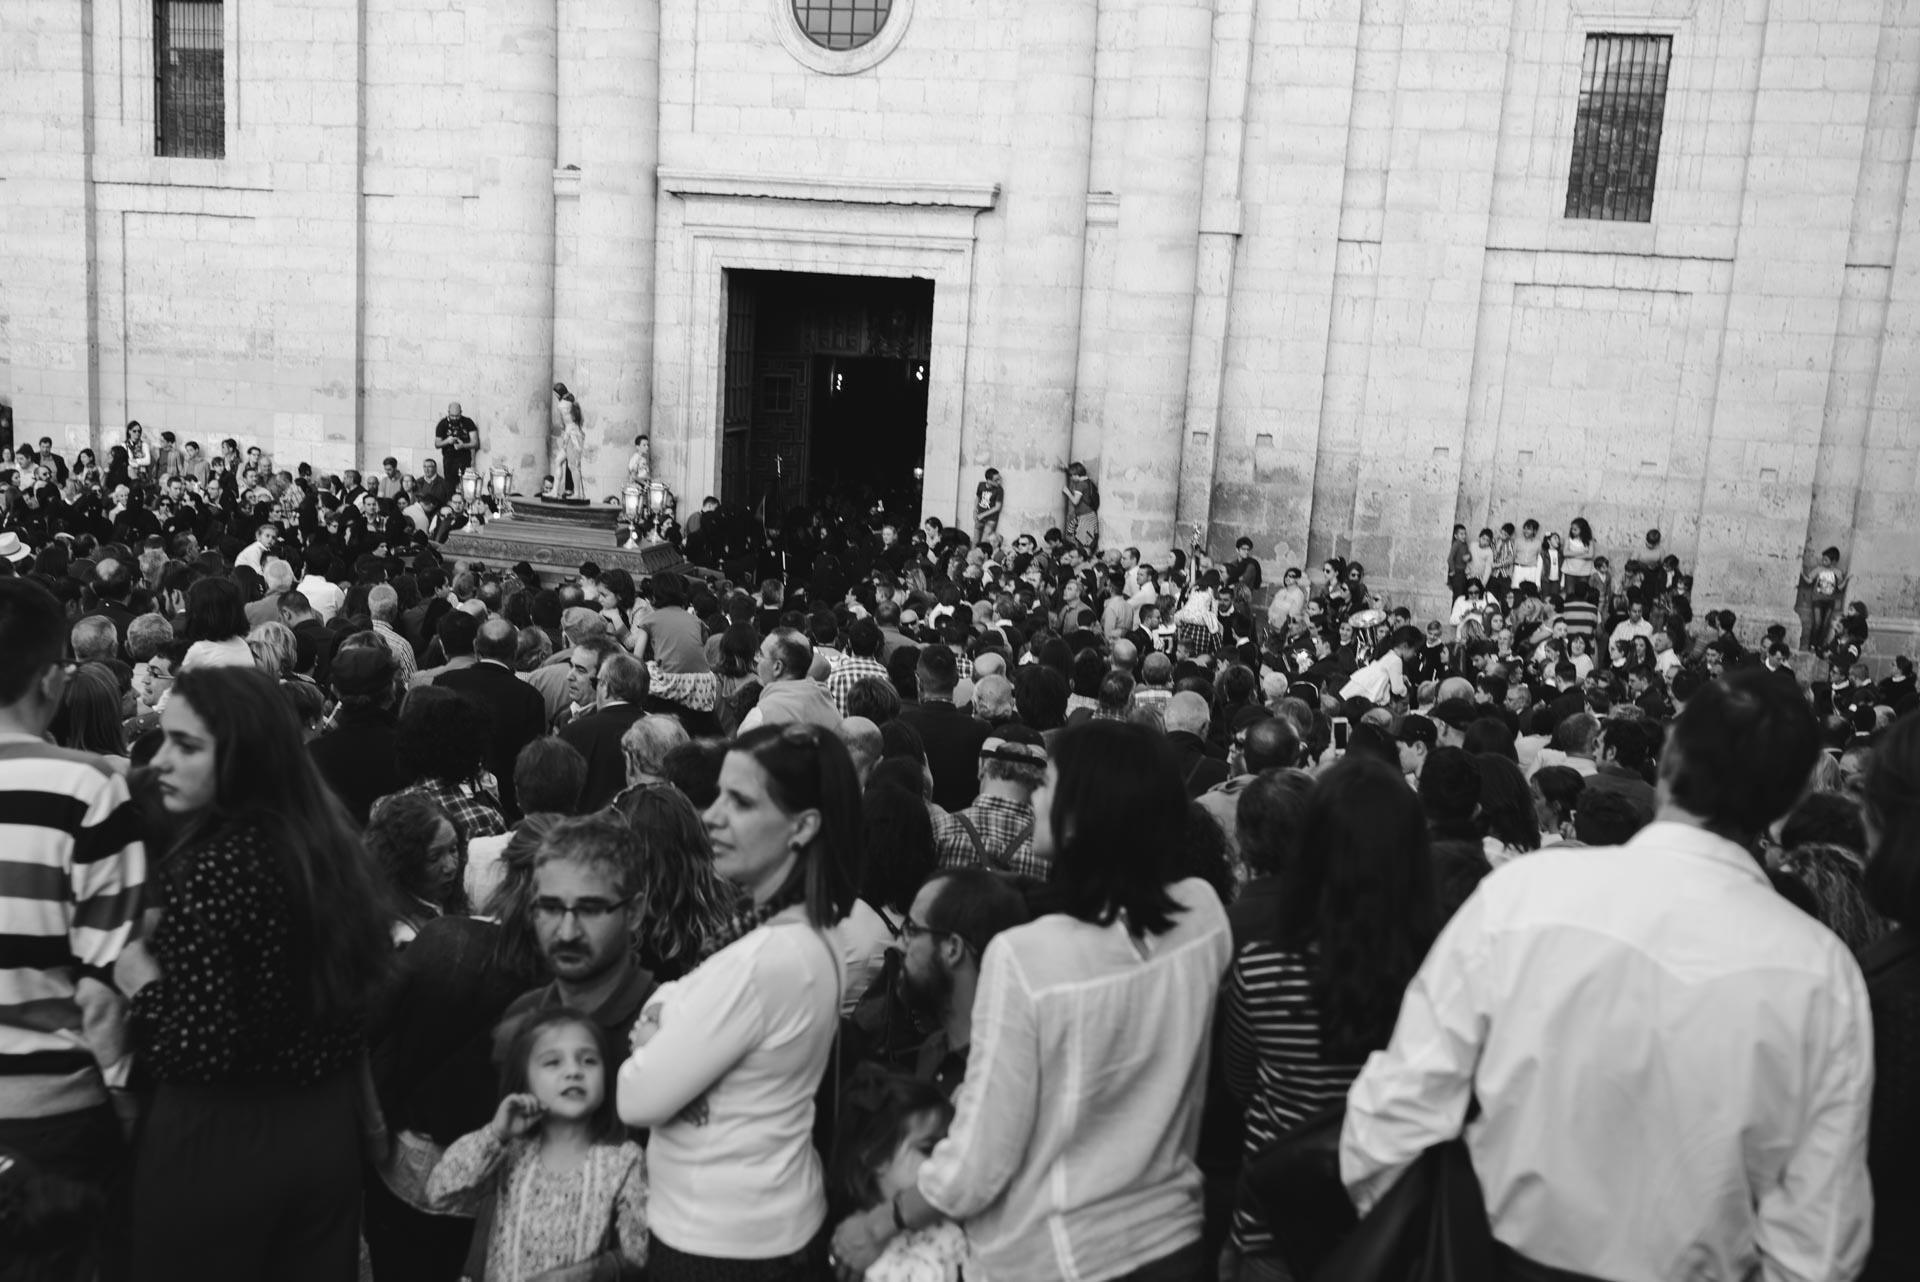 Reportaje fotográfico de Semana Santa, Eventos en Valladolid